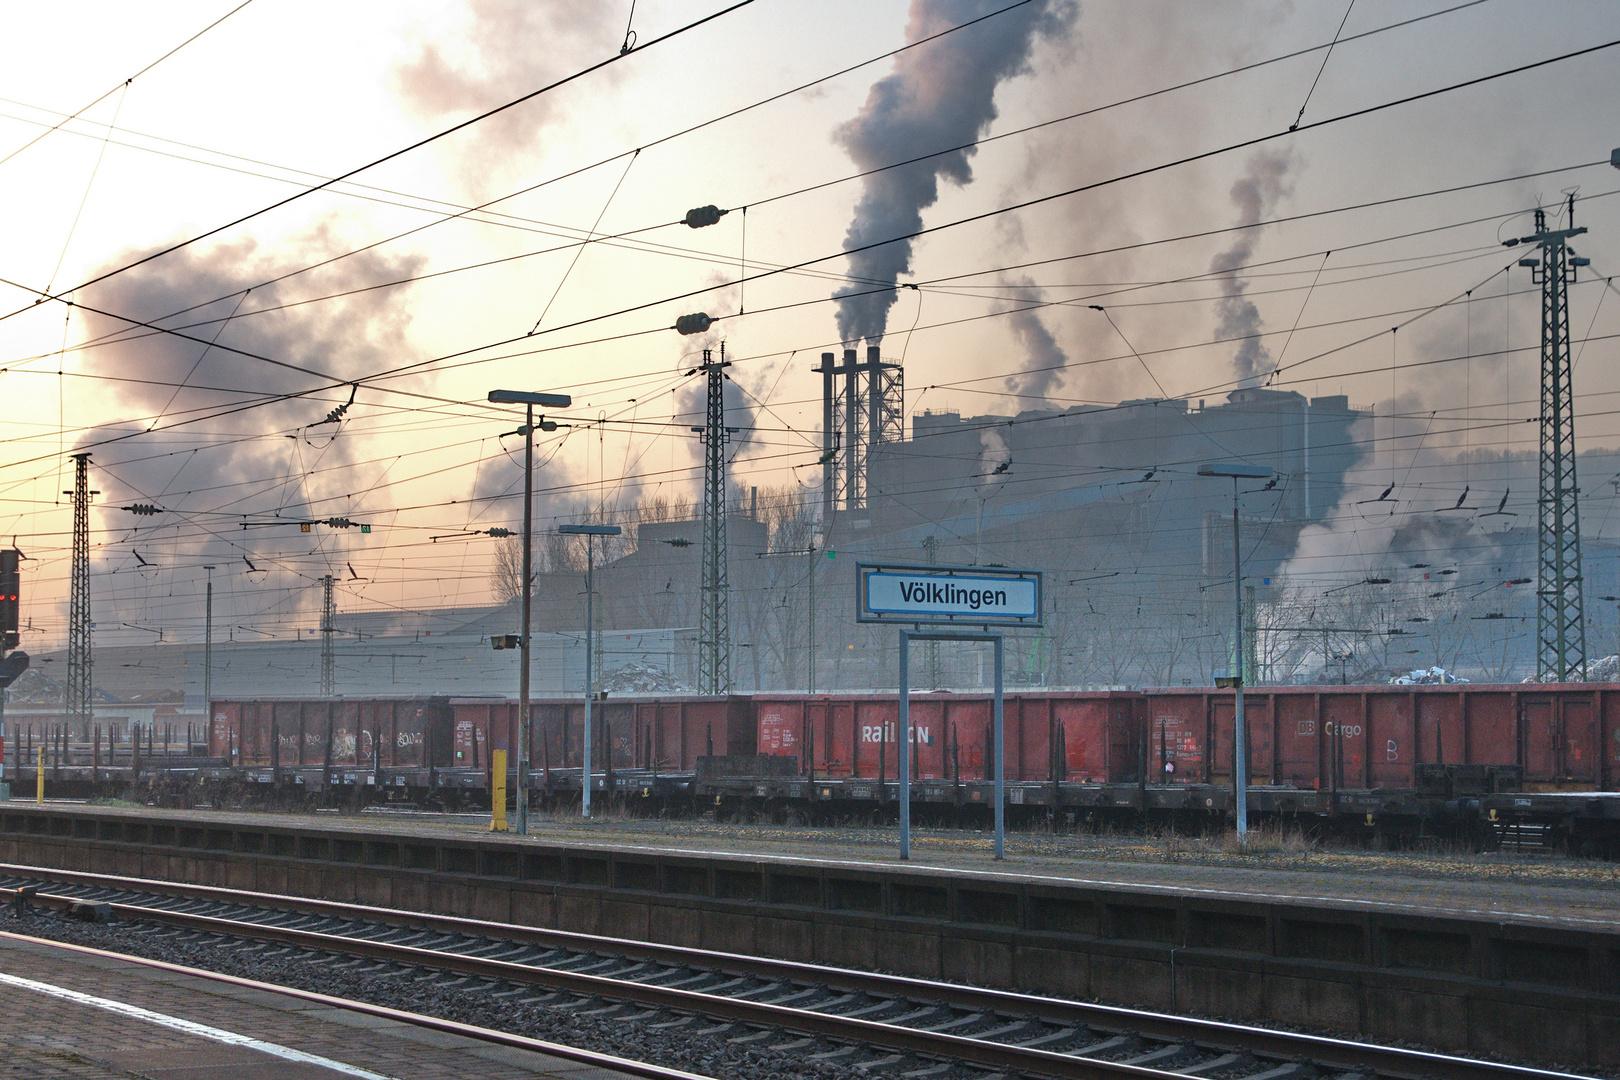 Industriestadt des Saarlandes mit 11 Buchstaben?